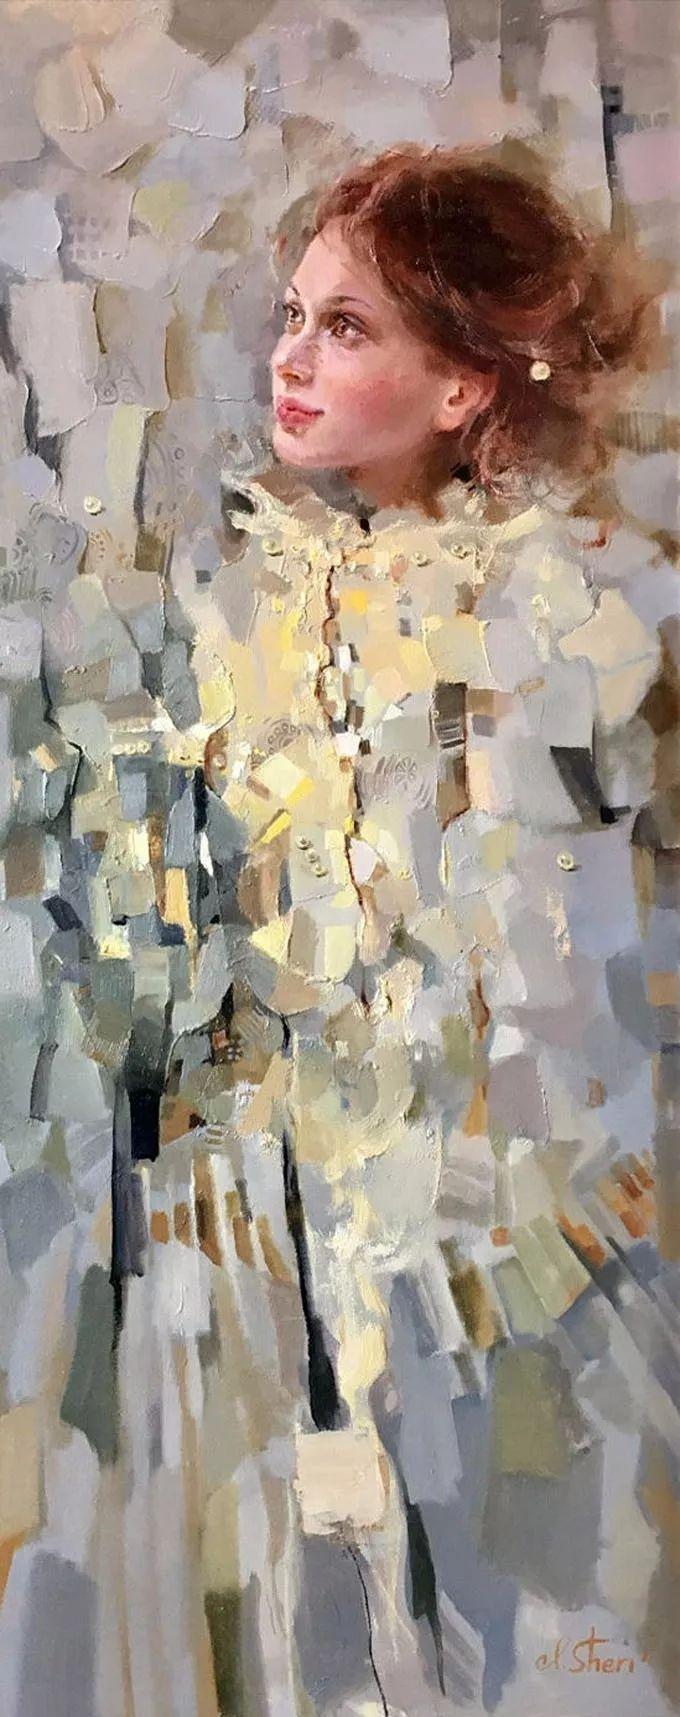 她的油画里,有一种惊艳脱俗的美!插图27